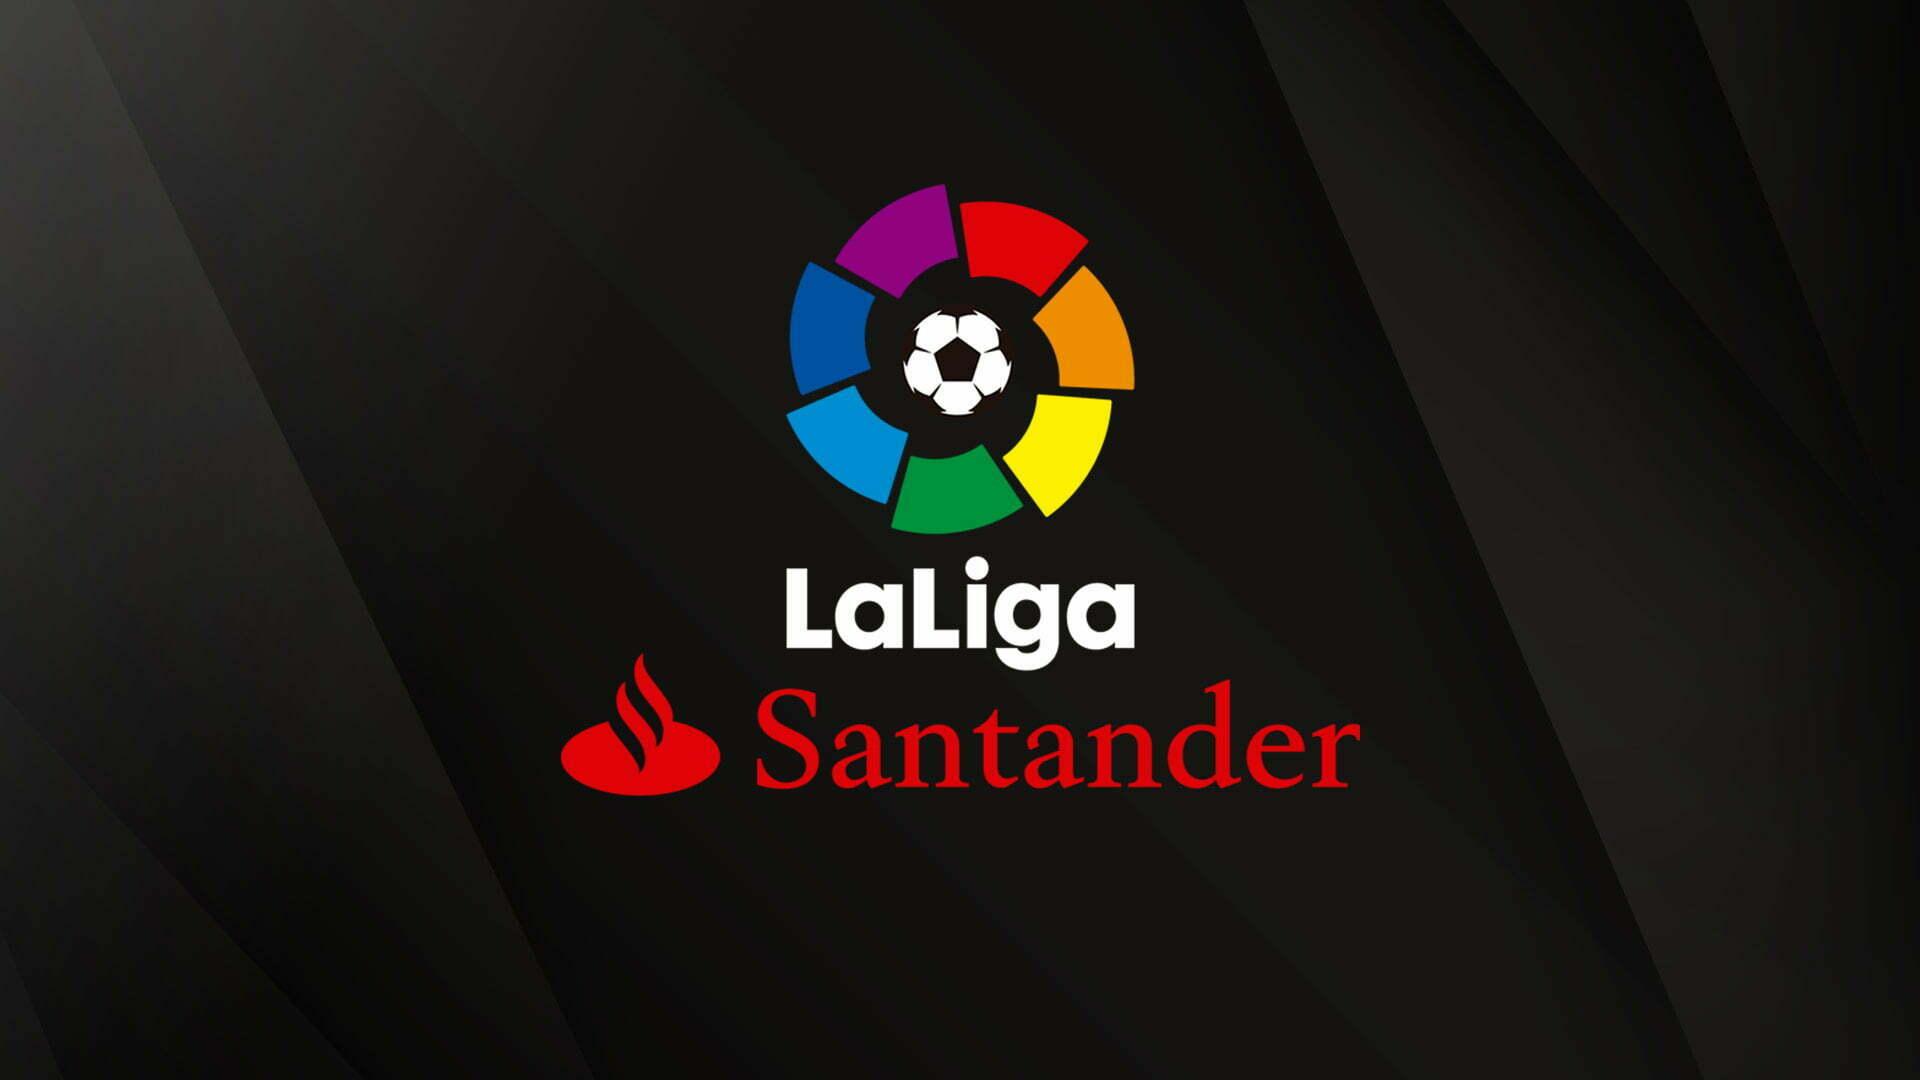 لاليغا سانتاندير لموسم 2019/20 تعود أفضل من أي وقت مضى